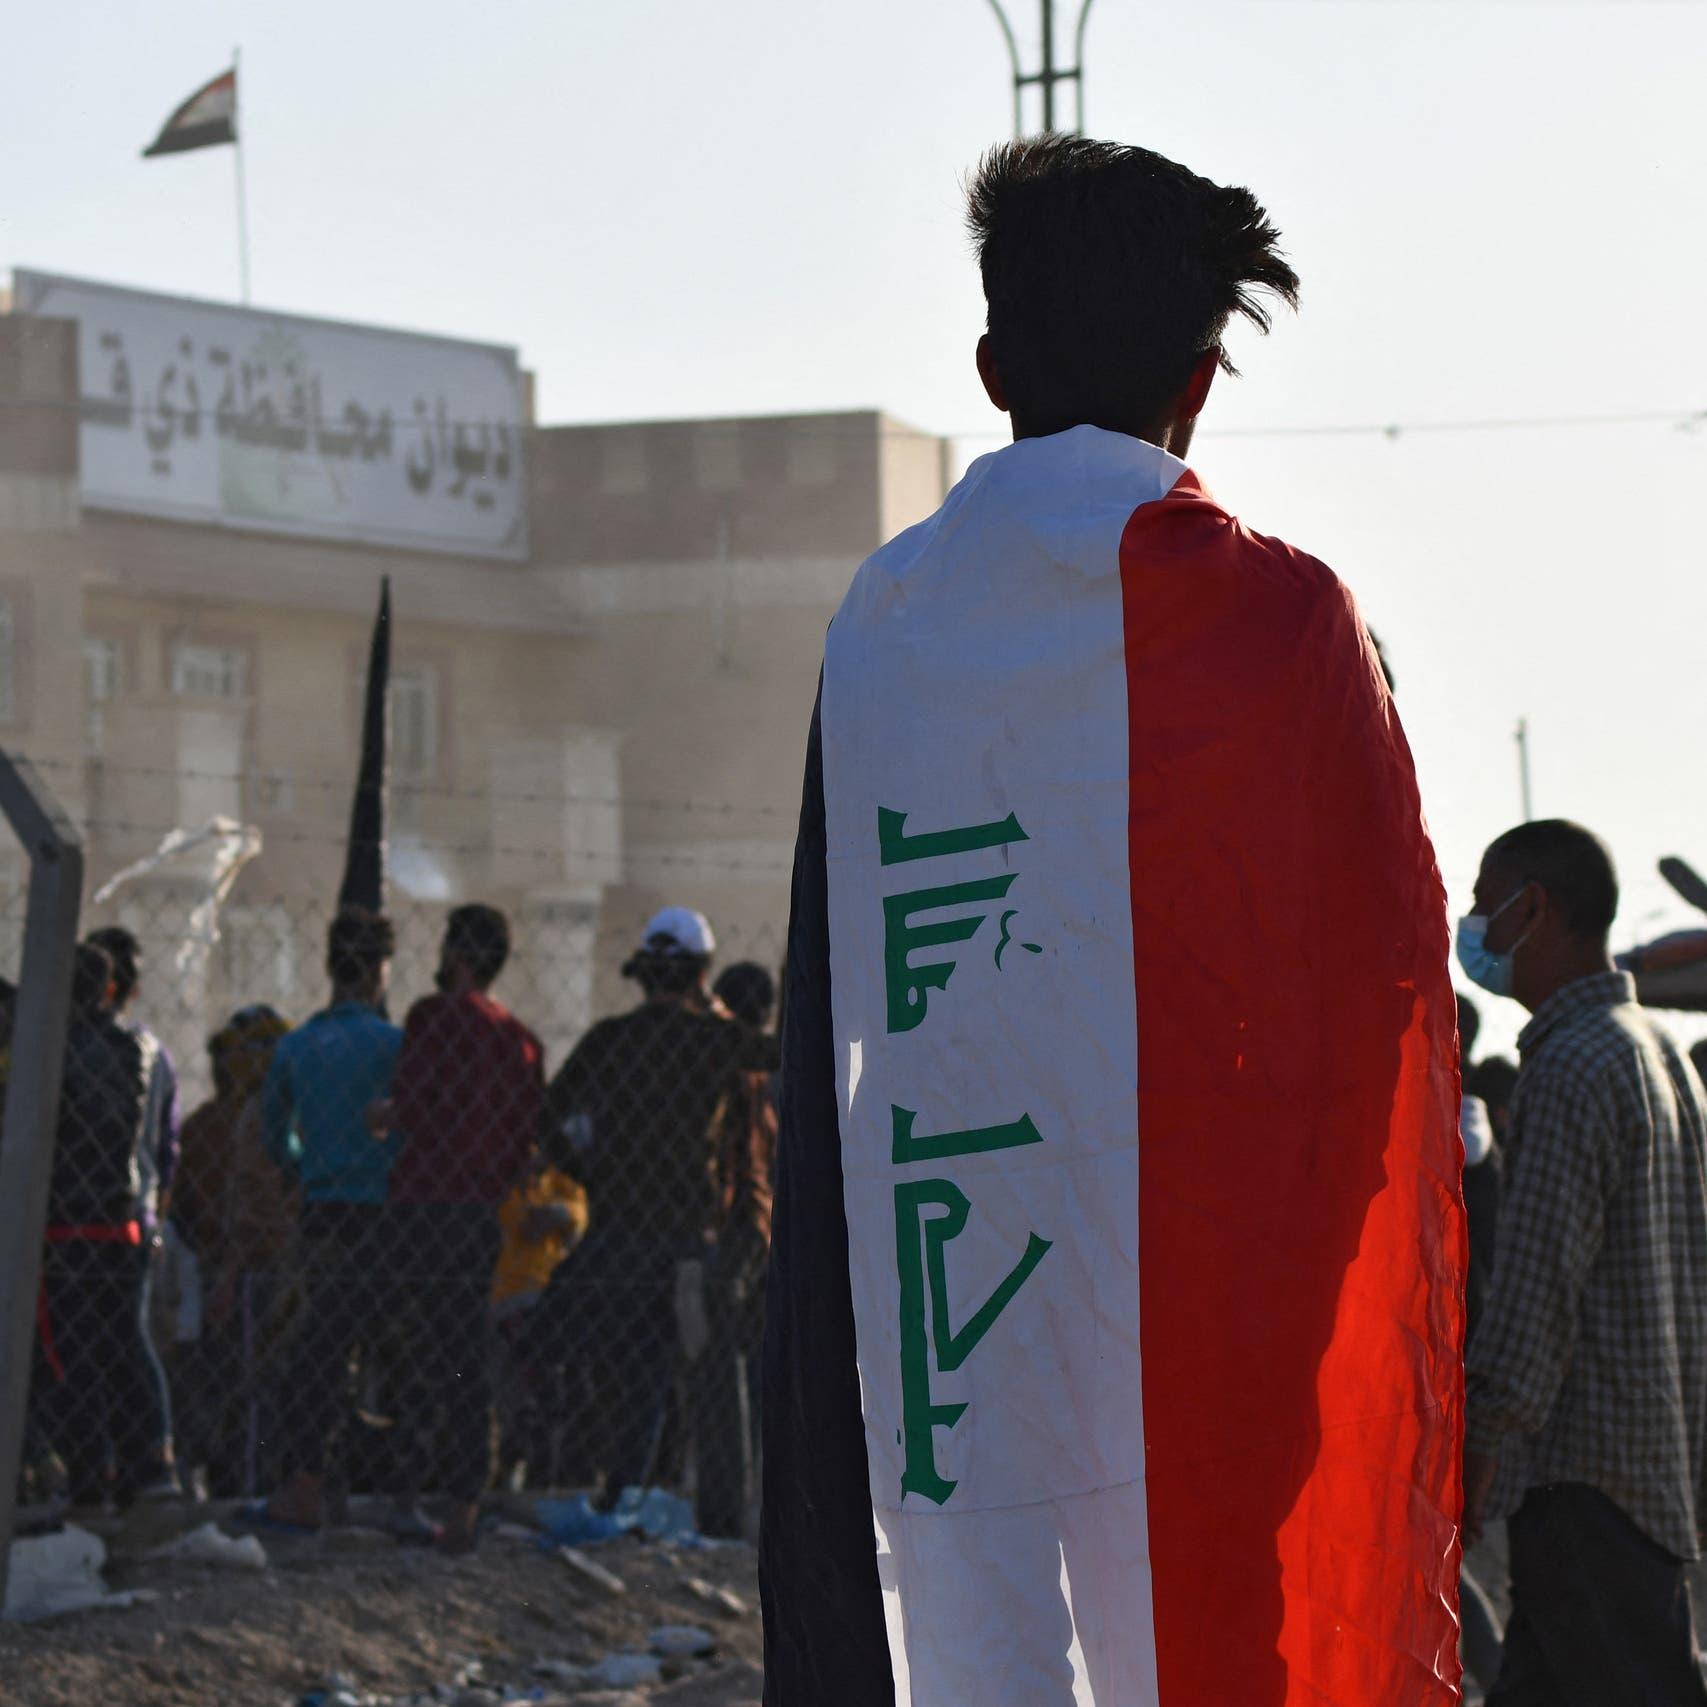 الناصرية تعلق تظاهراتها.. وتمهل الحكومة 3 أيام